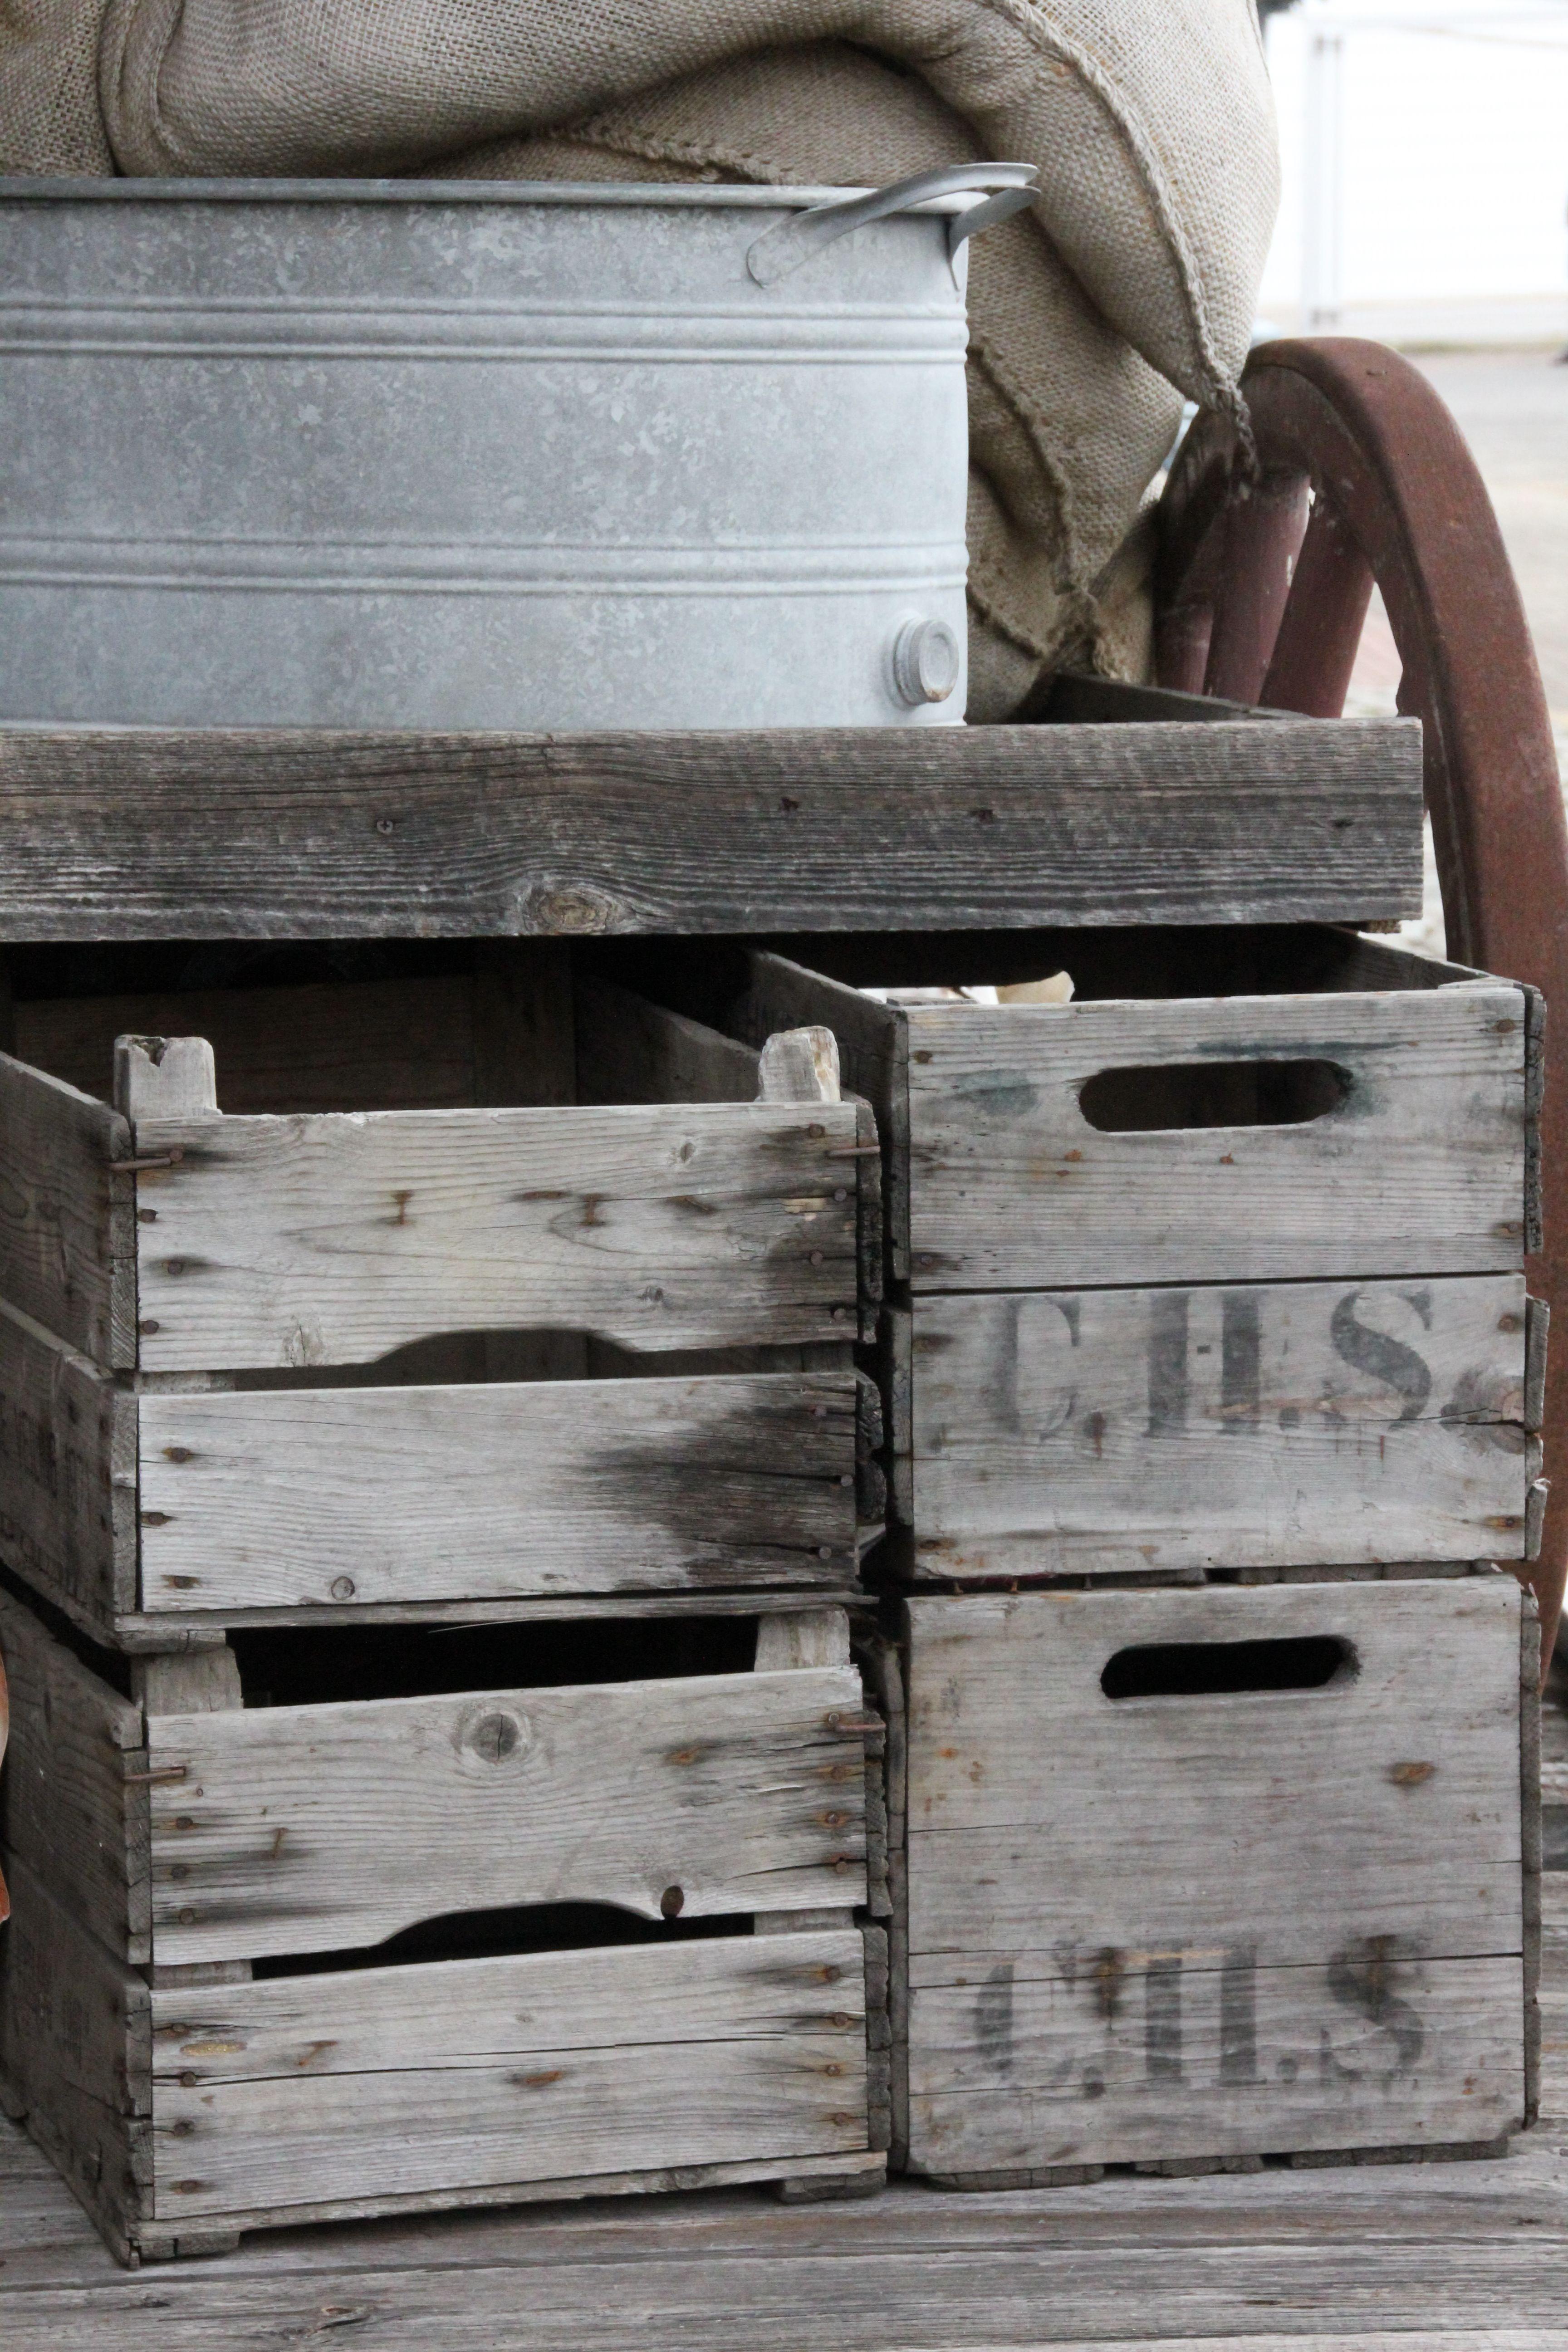 Fotos Gratis Madera Caja Mueble Pecho Caj N Comercio  # Alto Vuelo Muebles